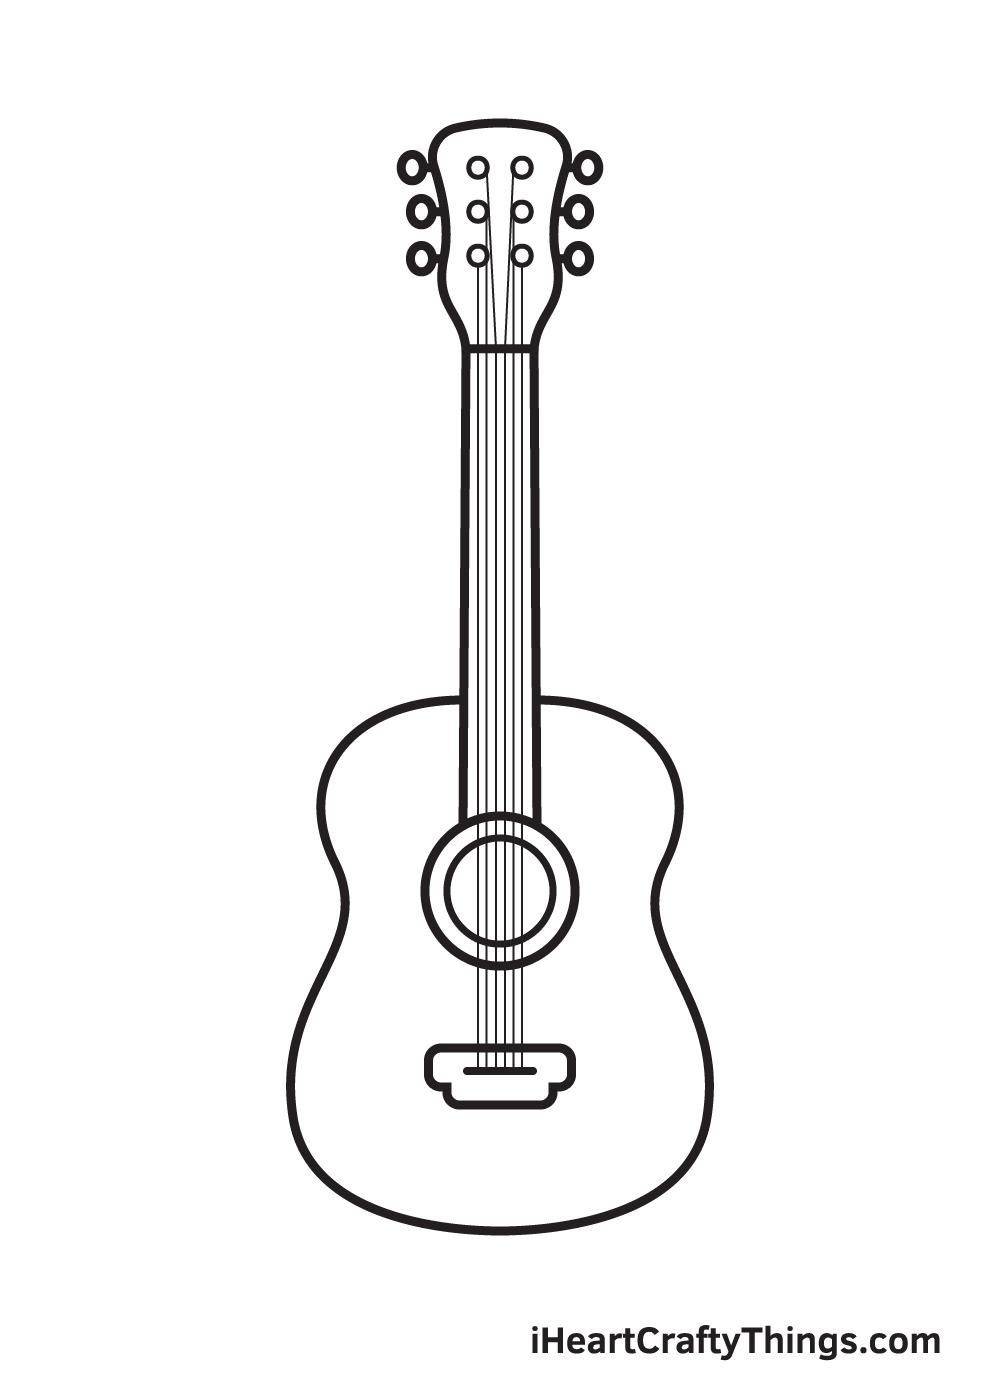 Vẽ đàn guitar - Bước 9